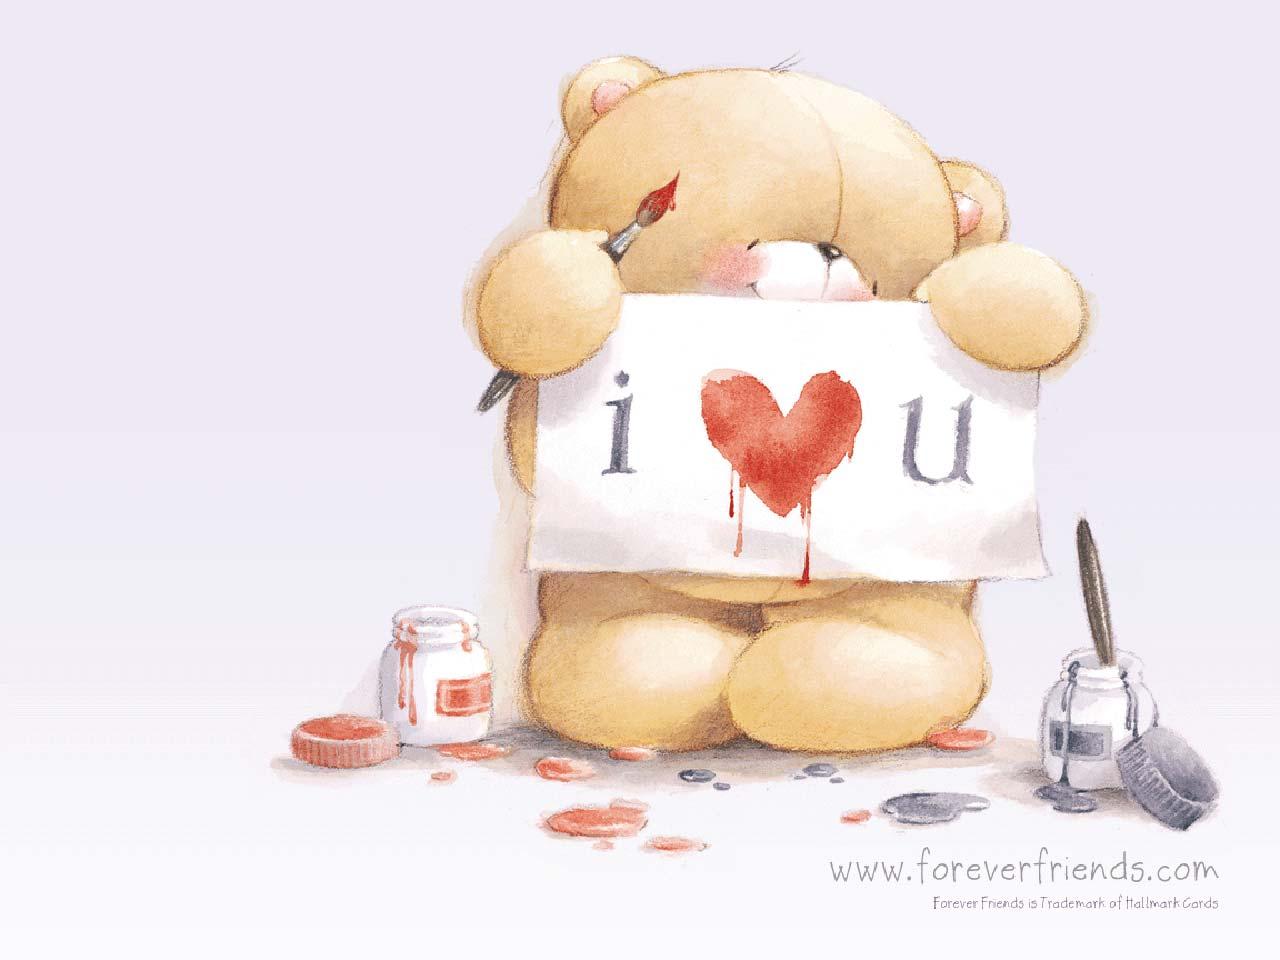 http://1.bp.blogspot.com/_GraSMWQPuFM/TShwSsuCwbI/AAAAAAAAACo/fcUyfZSp1YU/s1600/Forever_Friends_15.jpg